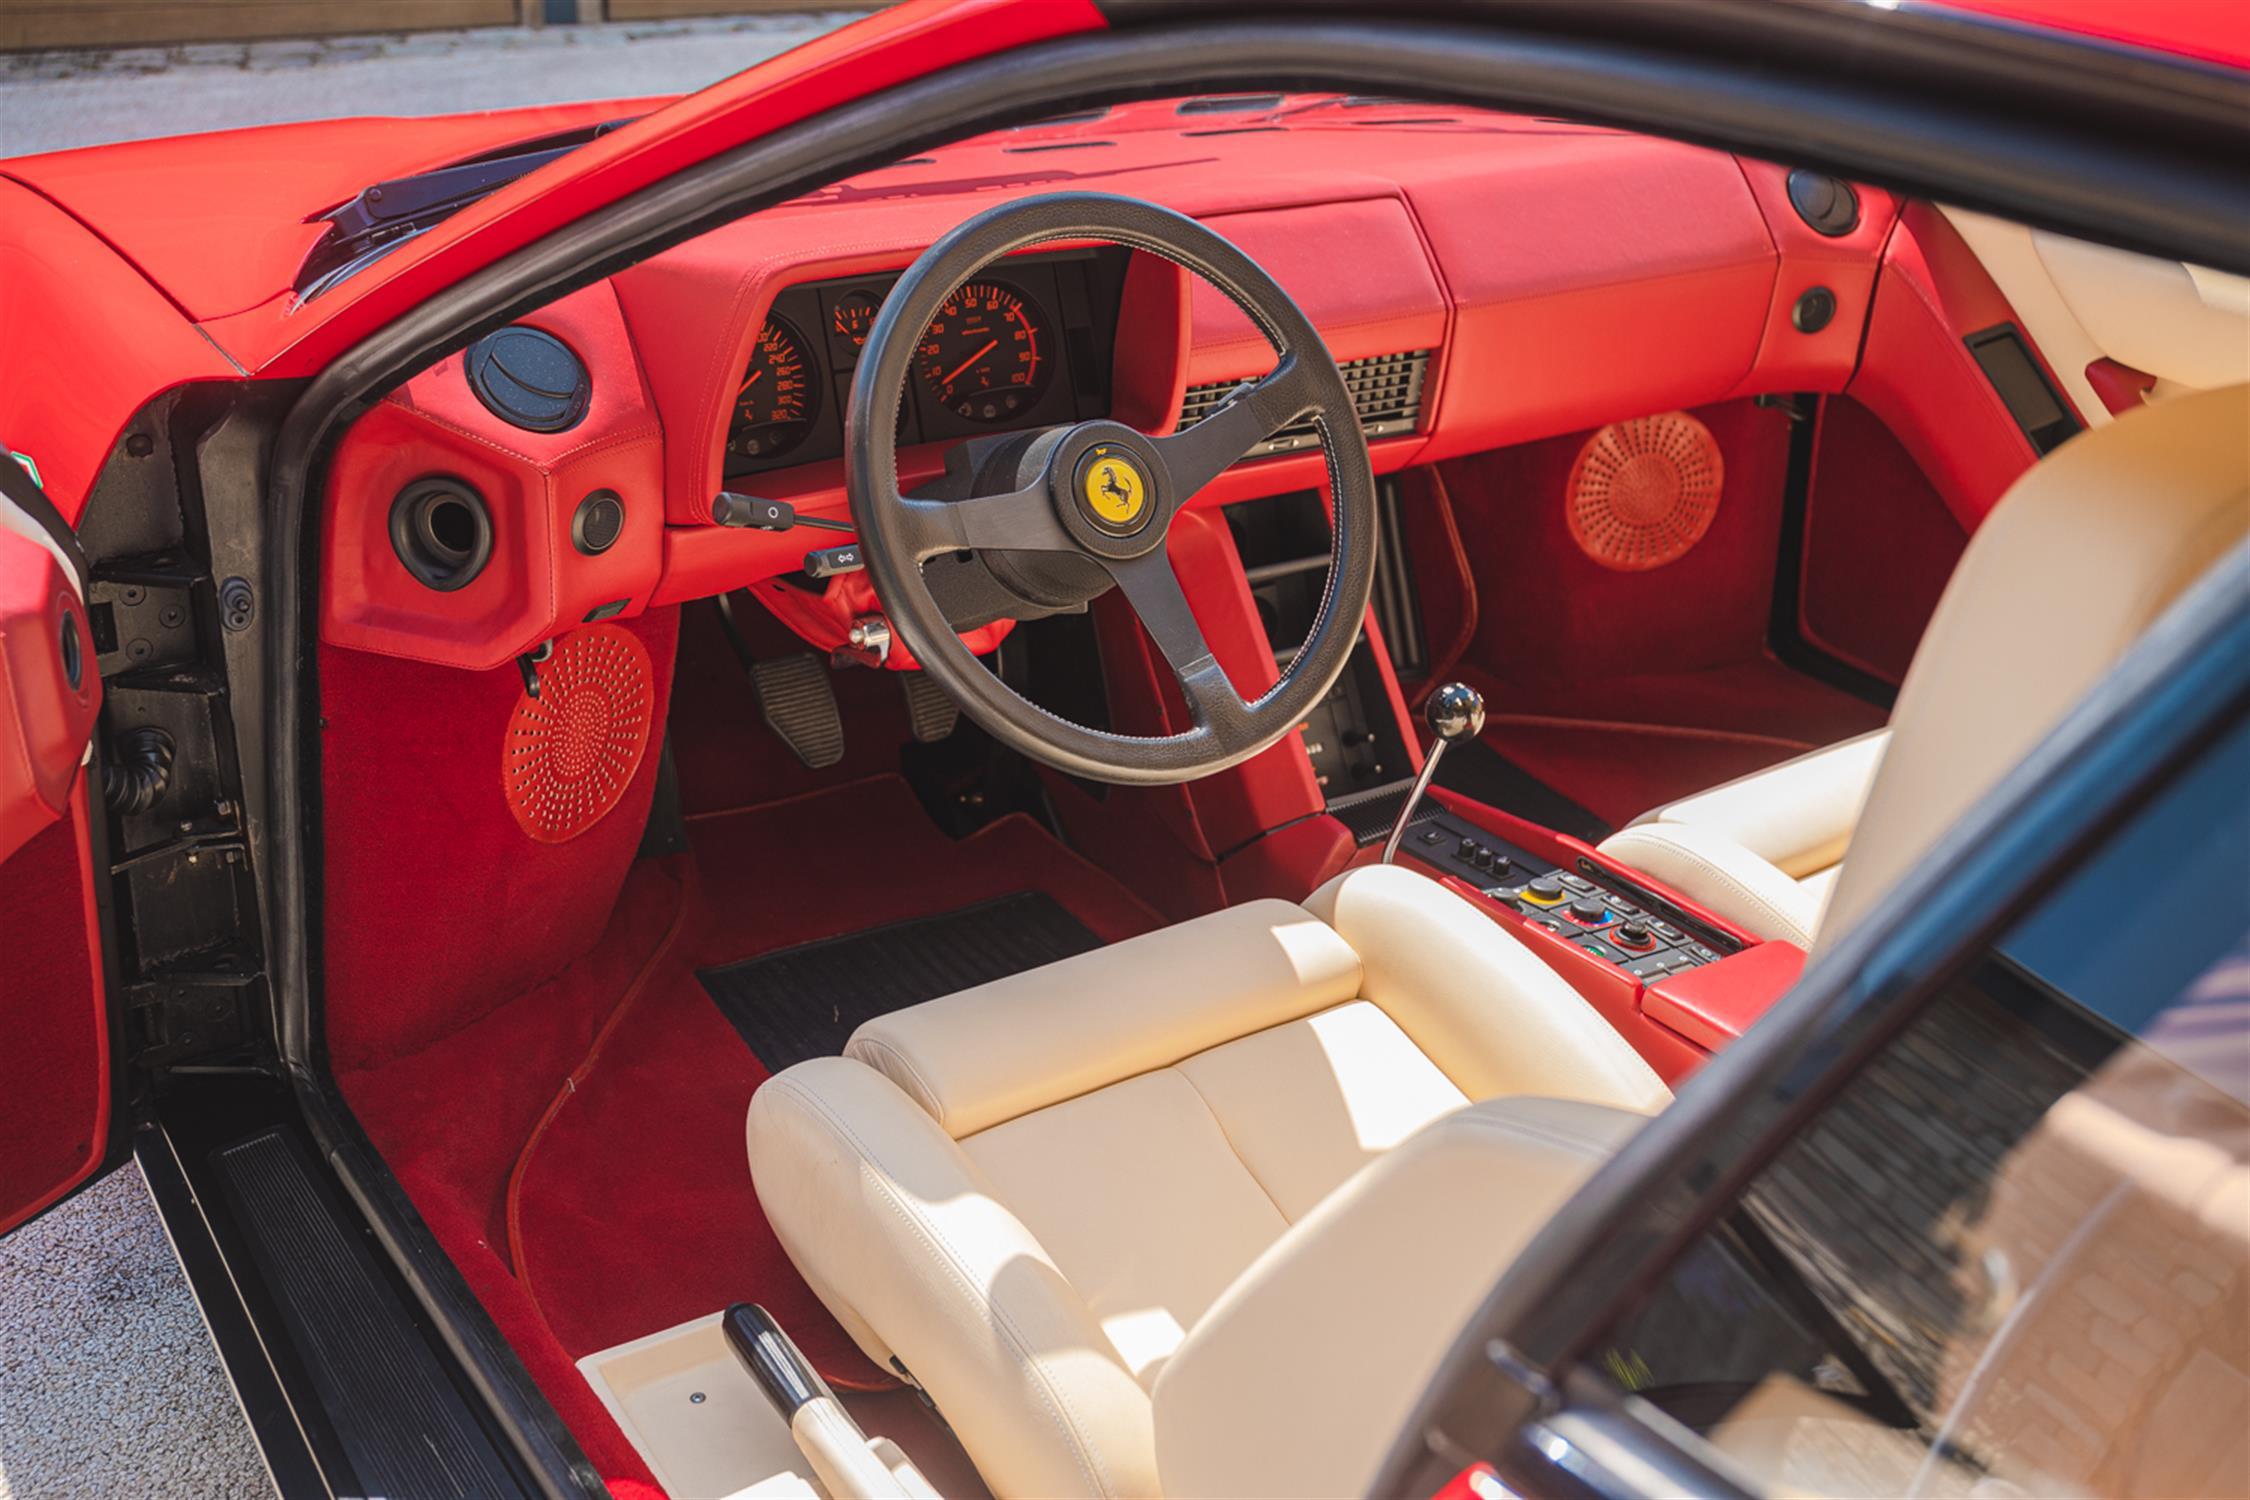 1991 Ferrari Testarossa - 1,829 Kilometres From New & Classiche'd - Image 11 of 15